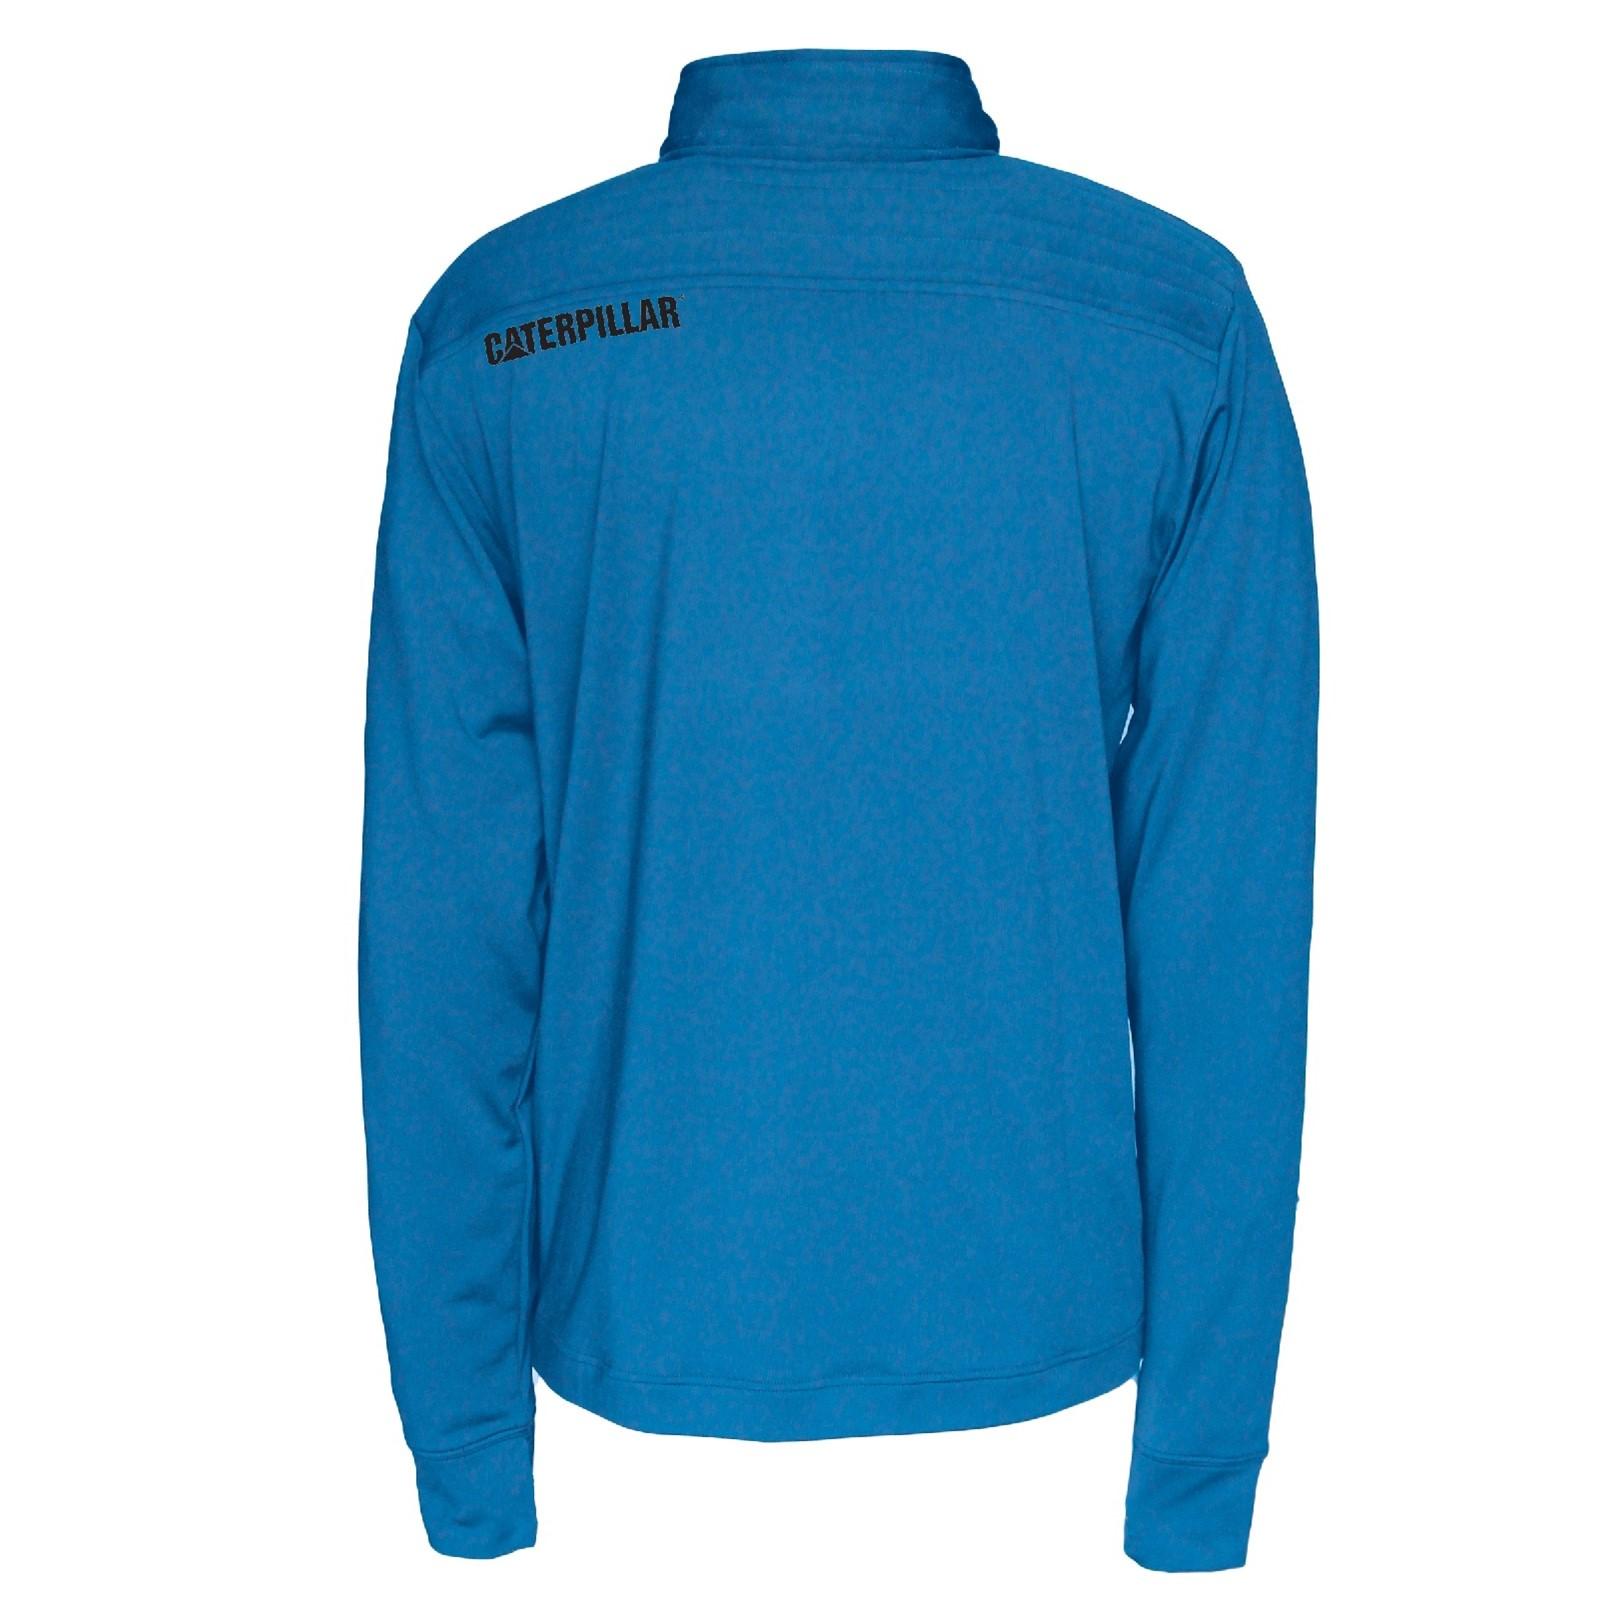 Caterpillar Contour Contour Contour - 1 4 Zip Sweatshirt | Outlet Store  45b921